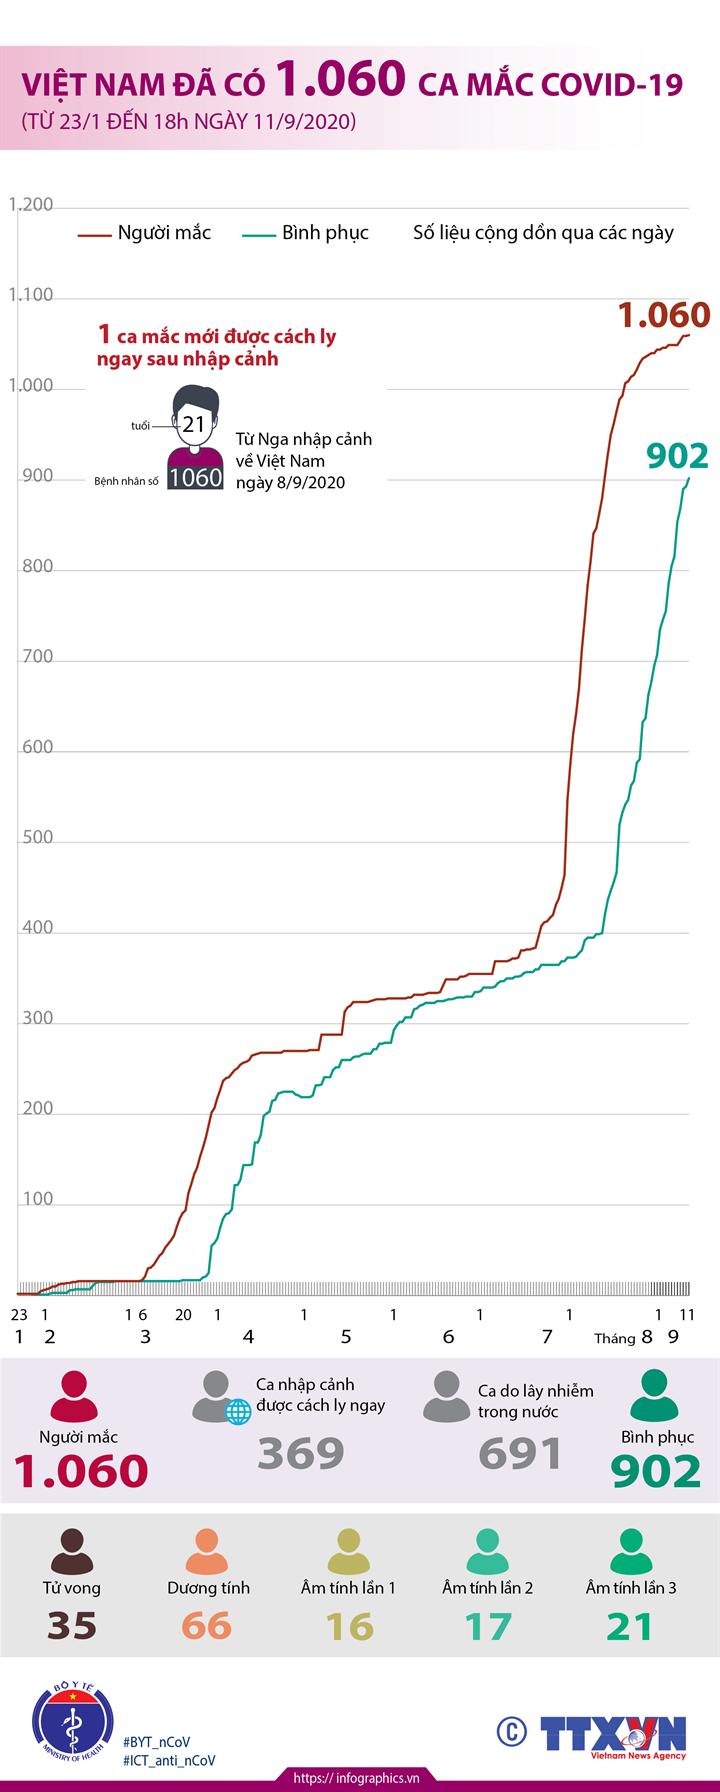 Việt Nam đã có 1.060 ca mắc COVID-19 (từ 23/1 đến 18h ngày 11/9/2020)